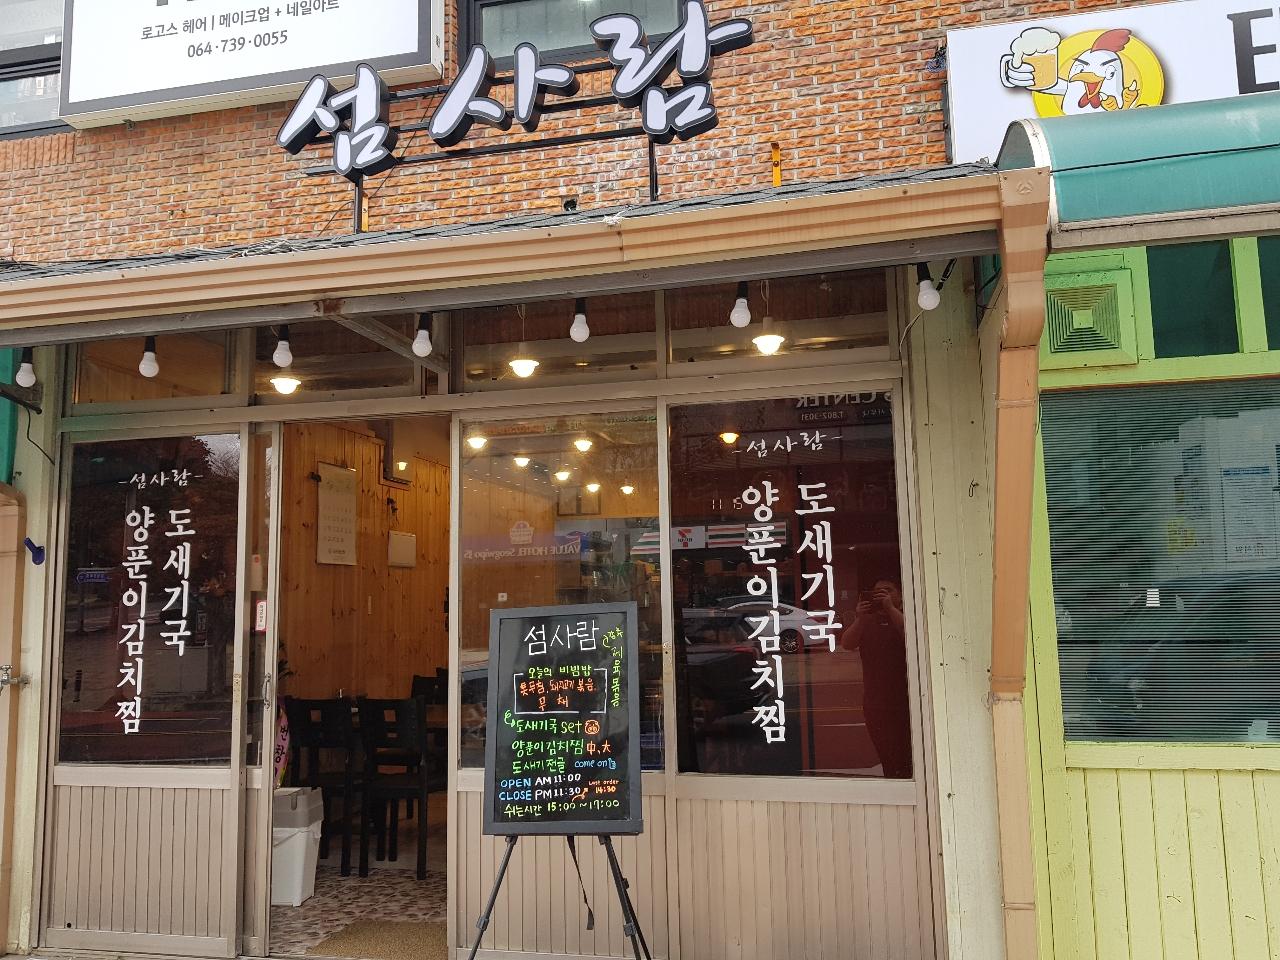 섬사람 식당 OPEN!!!